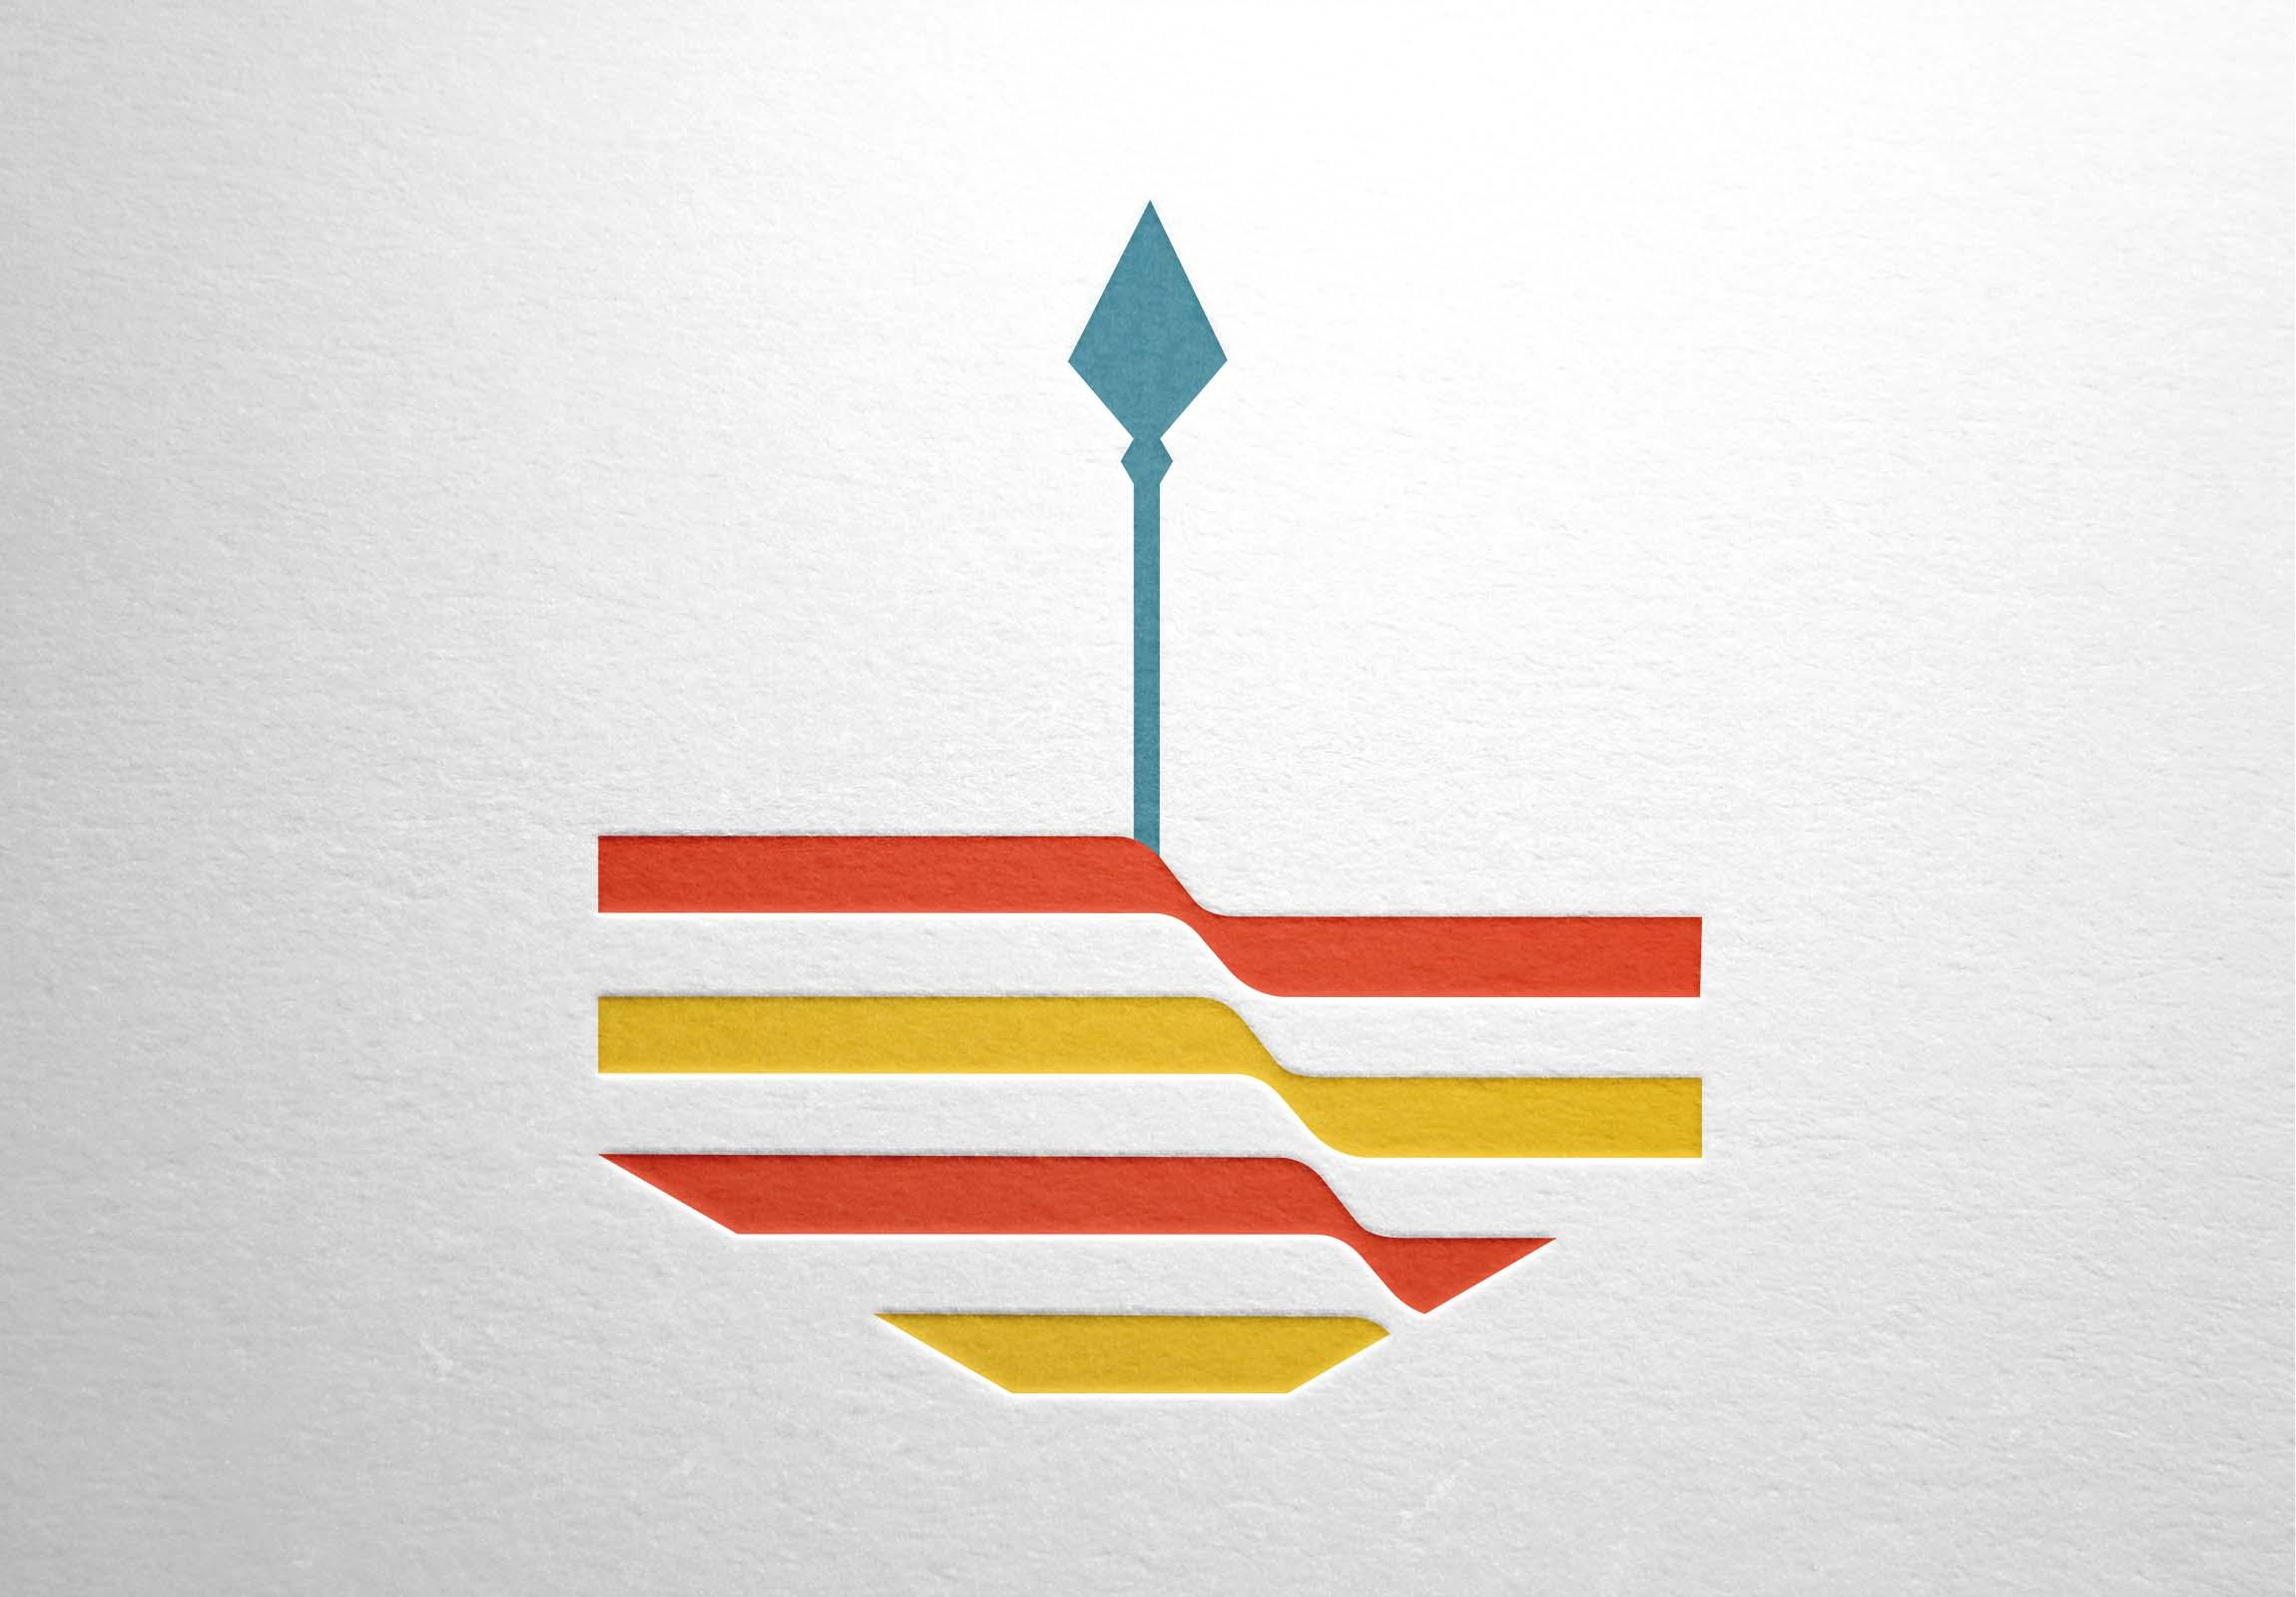 Разработка названия бренда + логотип фото f_78858ff29e20d05d.jpg